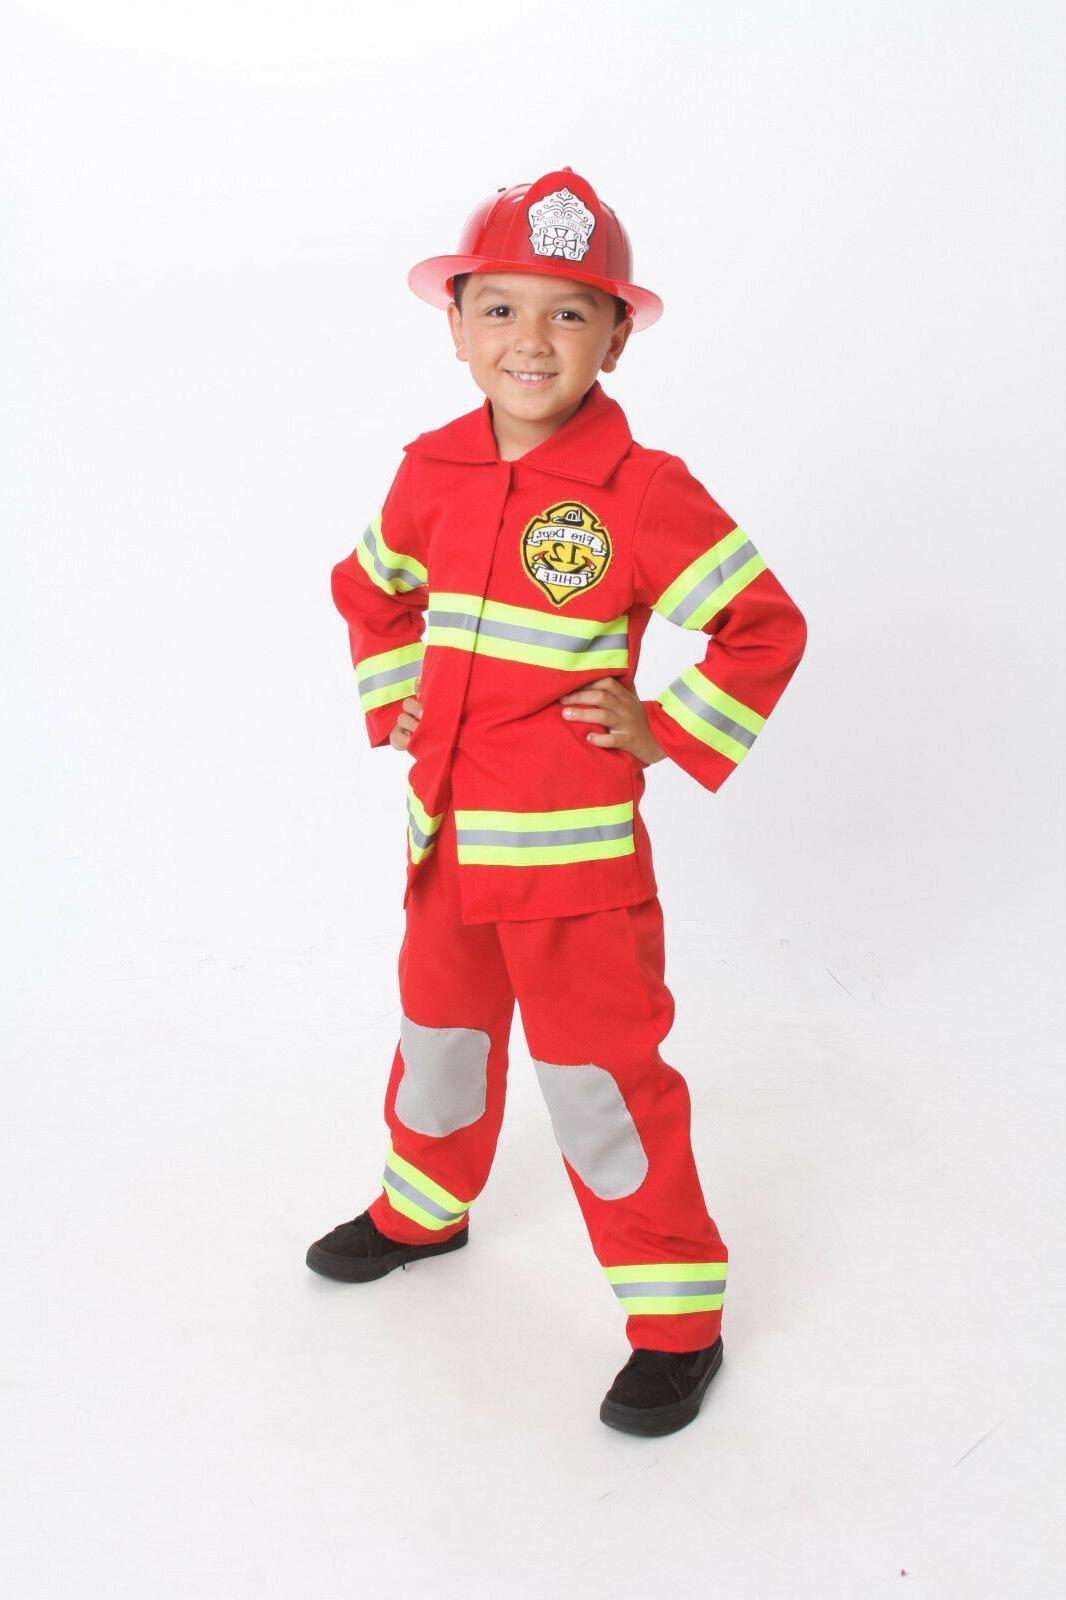 firefighter costume kids light up badge